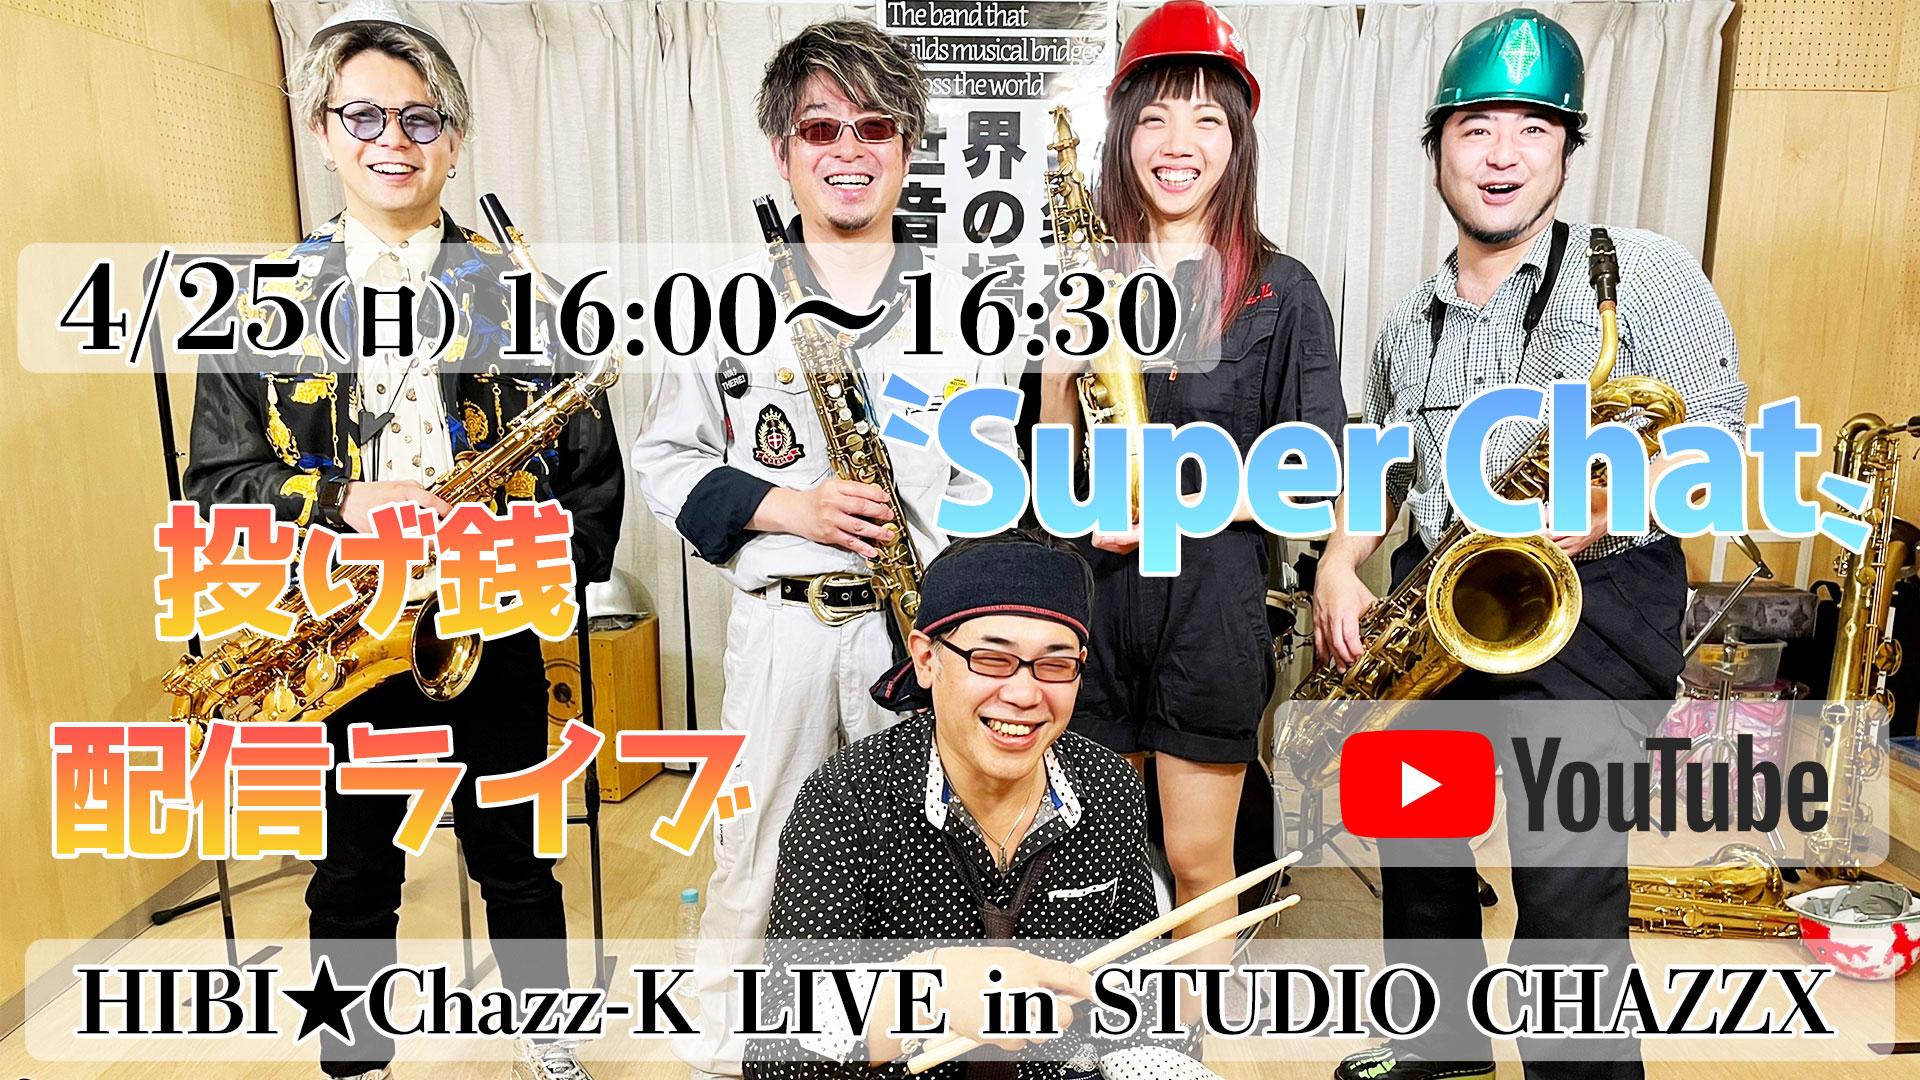 4/25(日「HIBI★Chazz-K LIVE in STUDIO CHAZZX 〜 Super Chat投げ銭配信ライブ!」